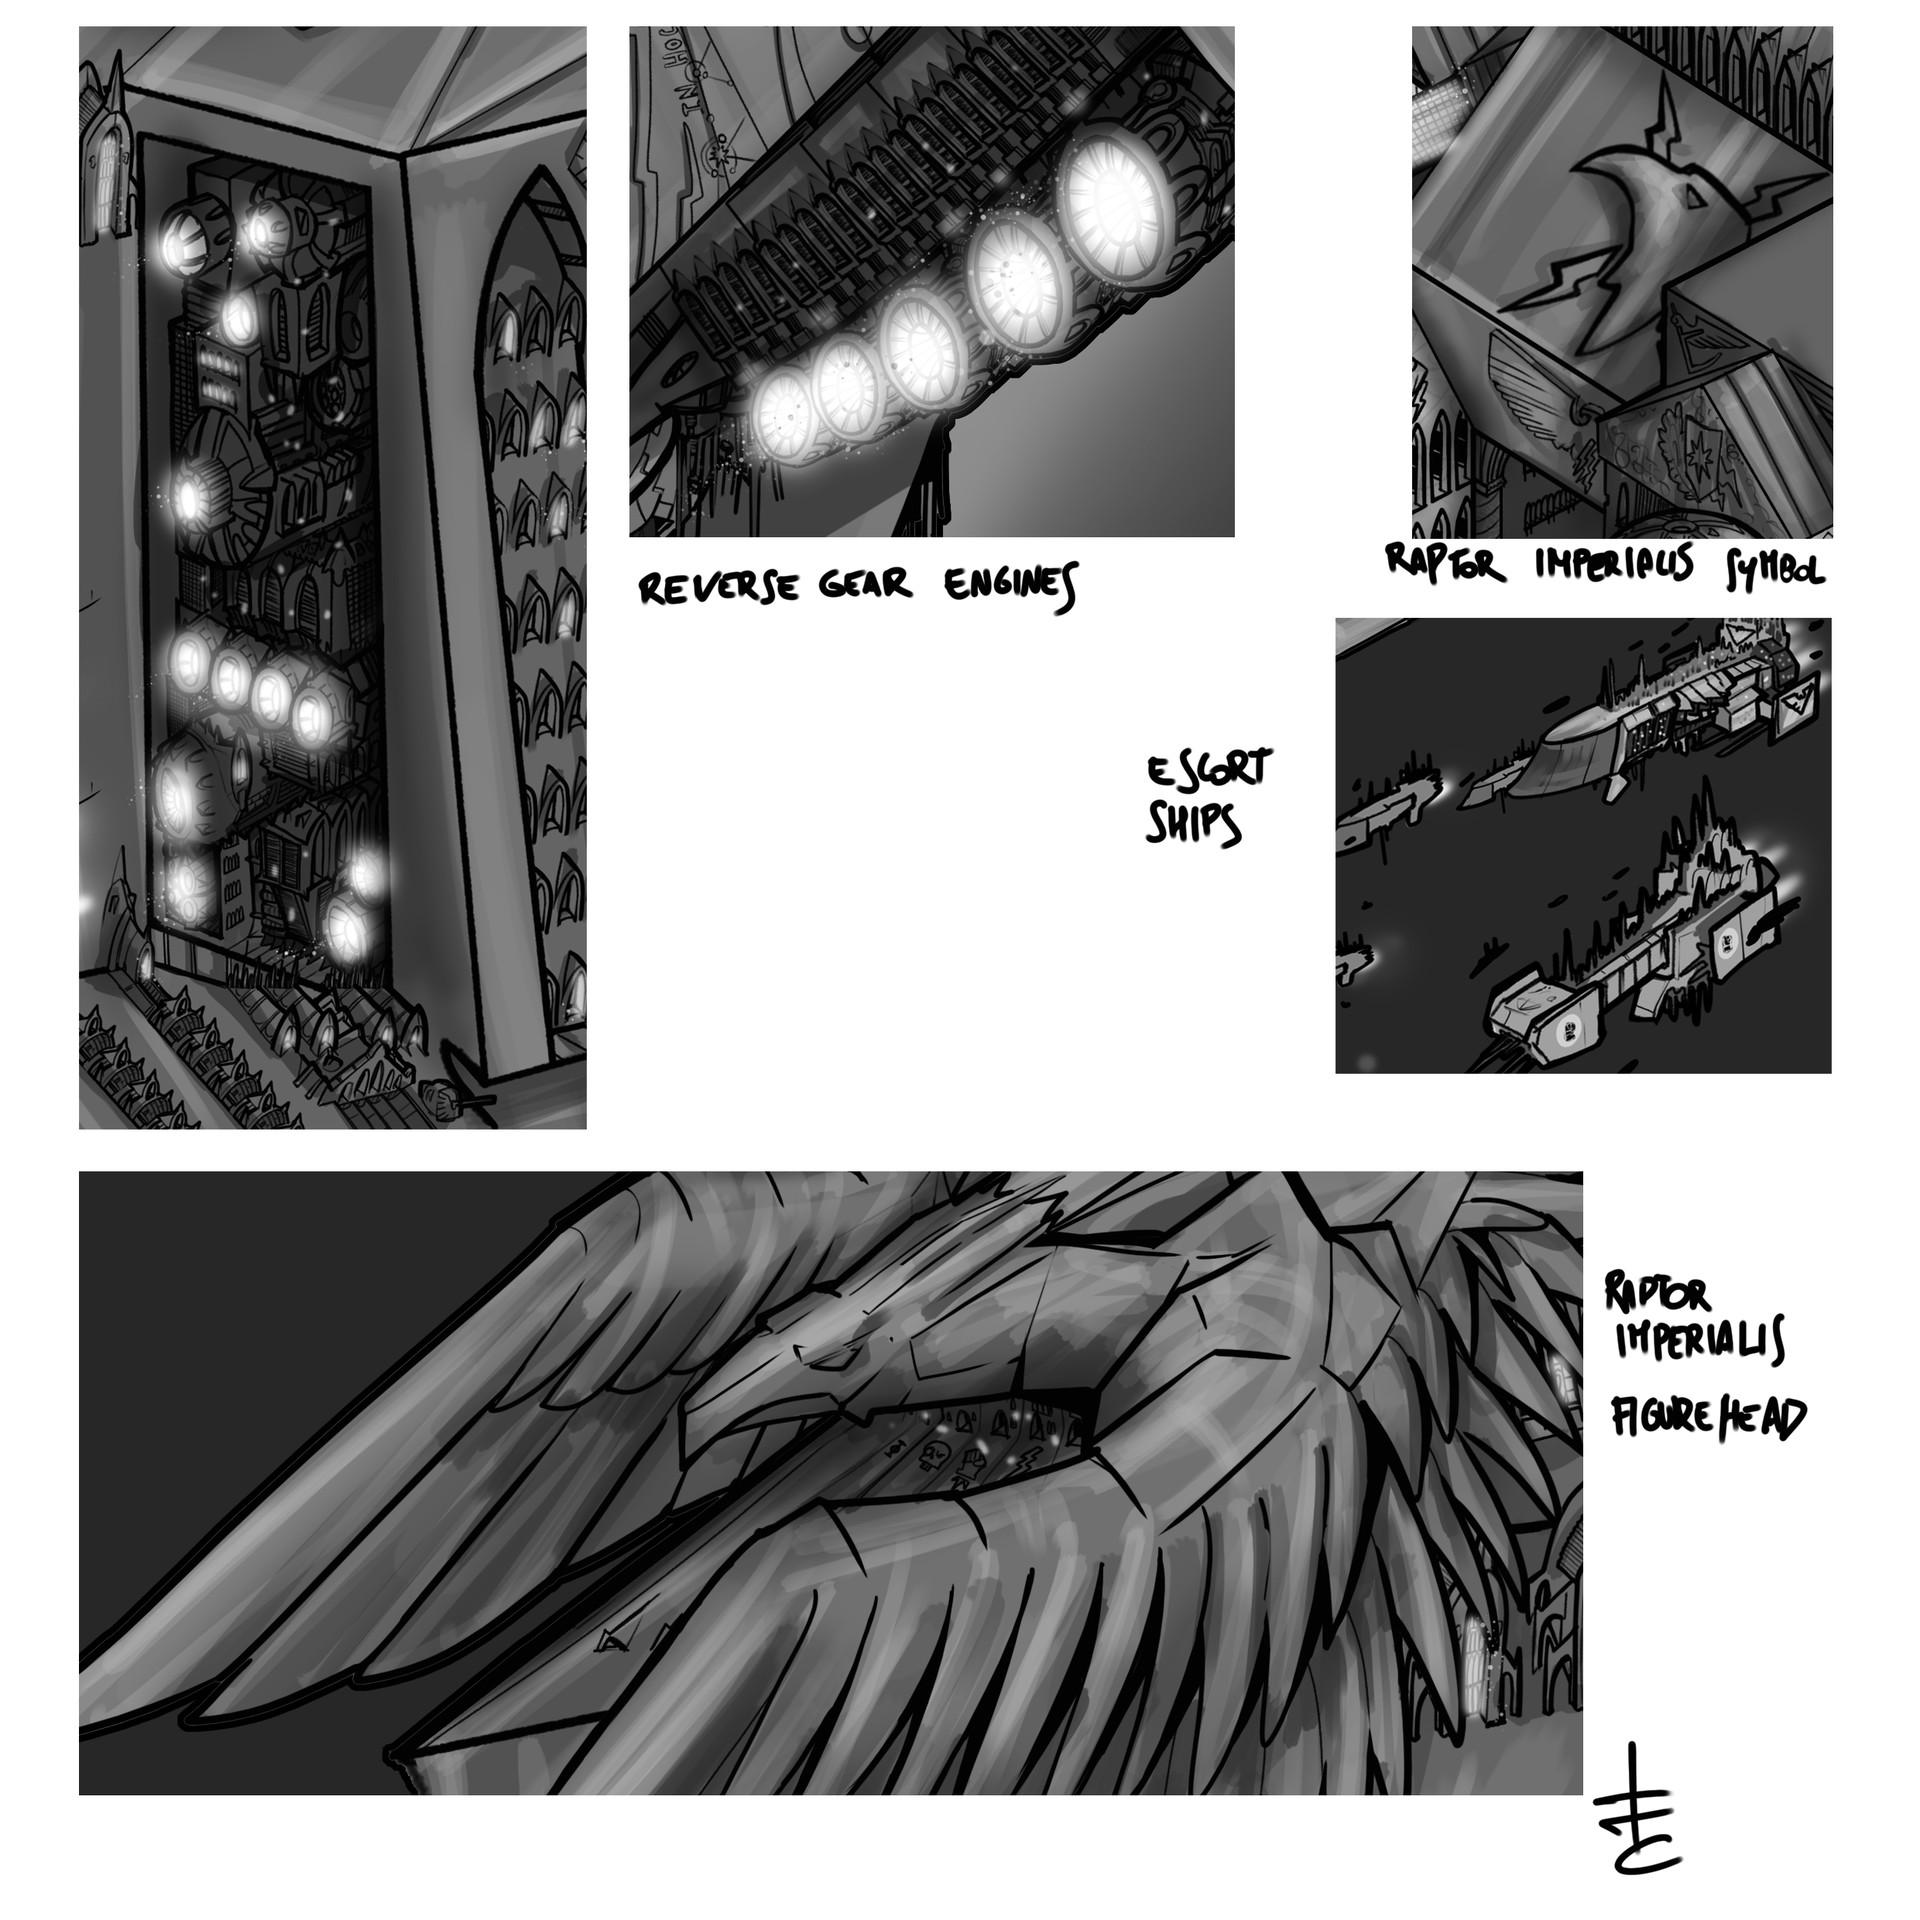 Warhammer 40k Void Ship Imperator Somnium details